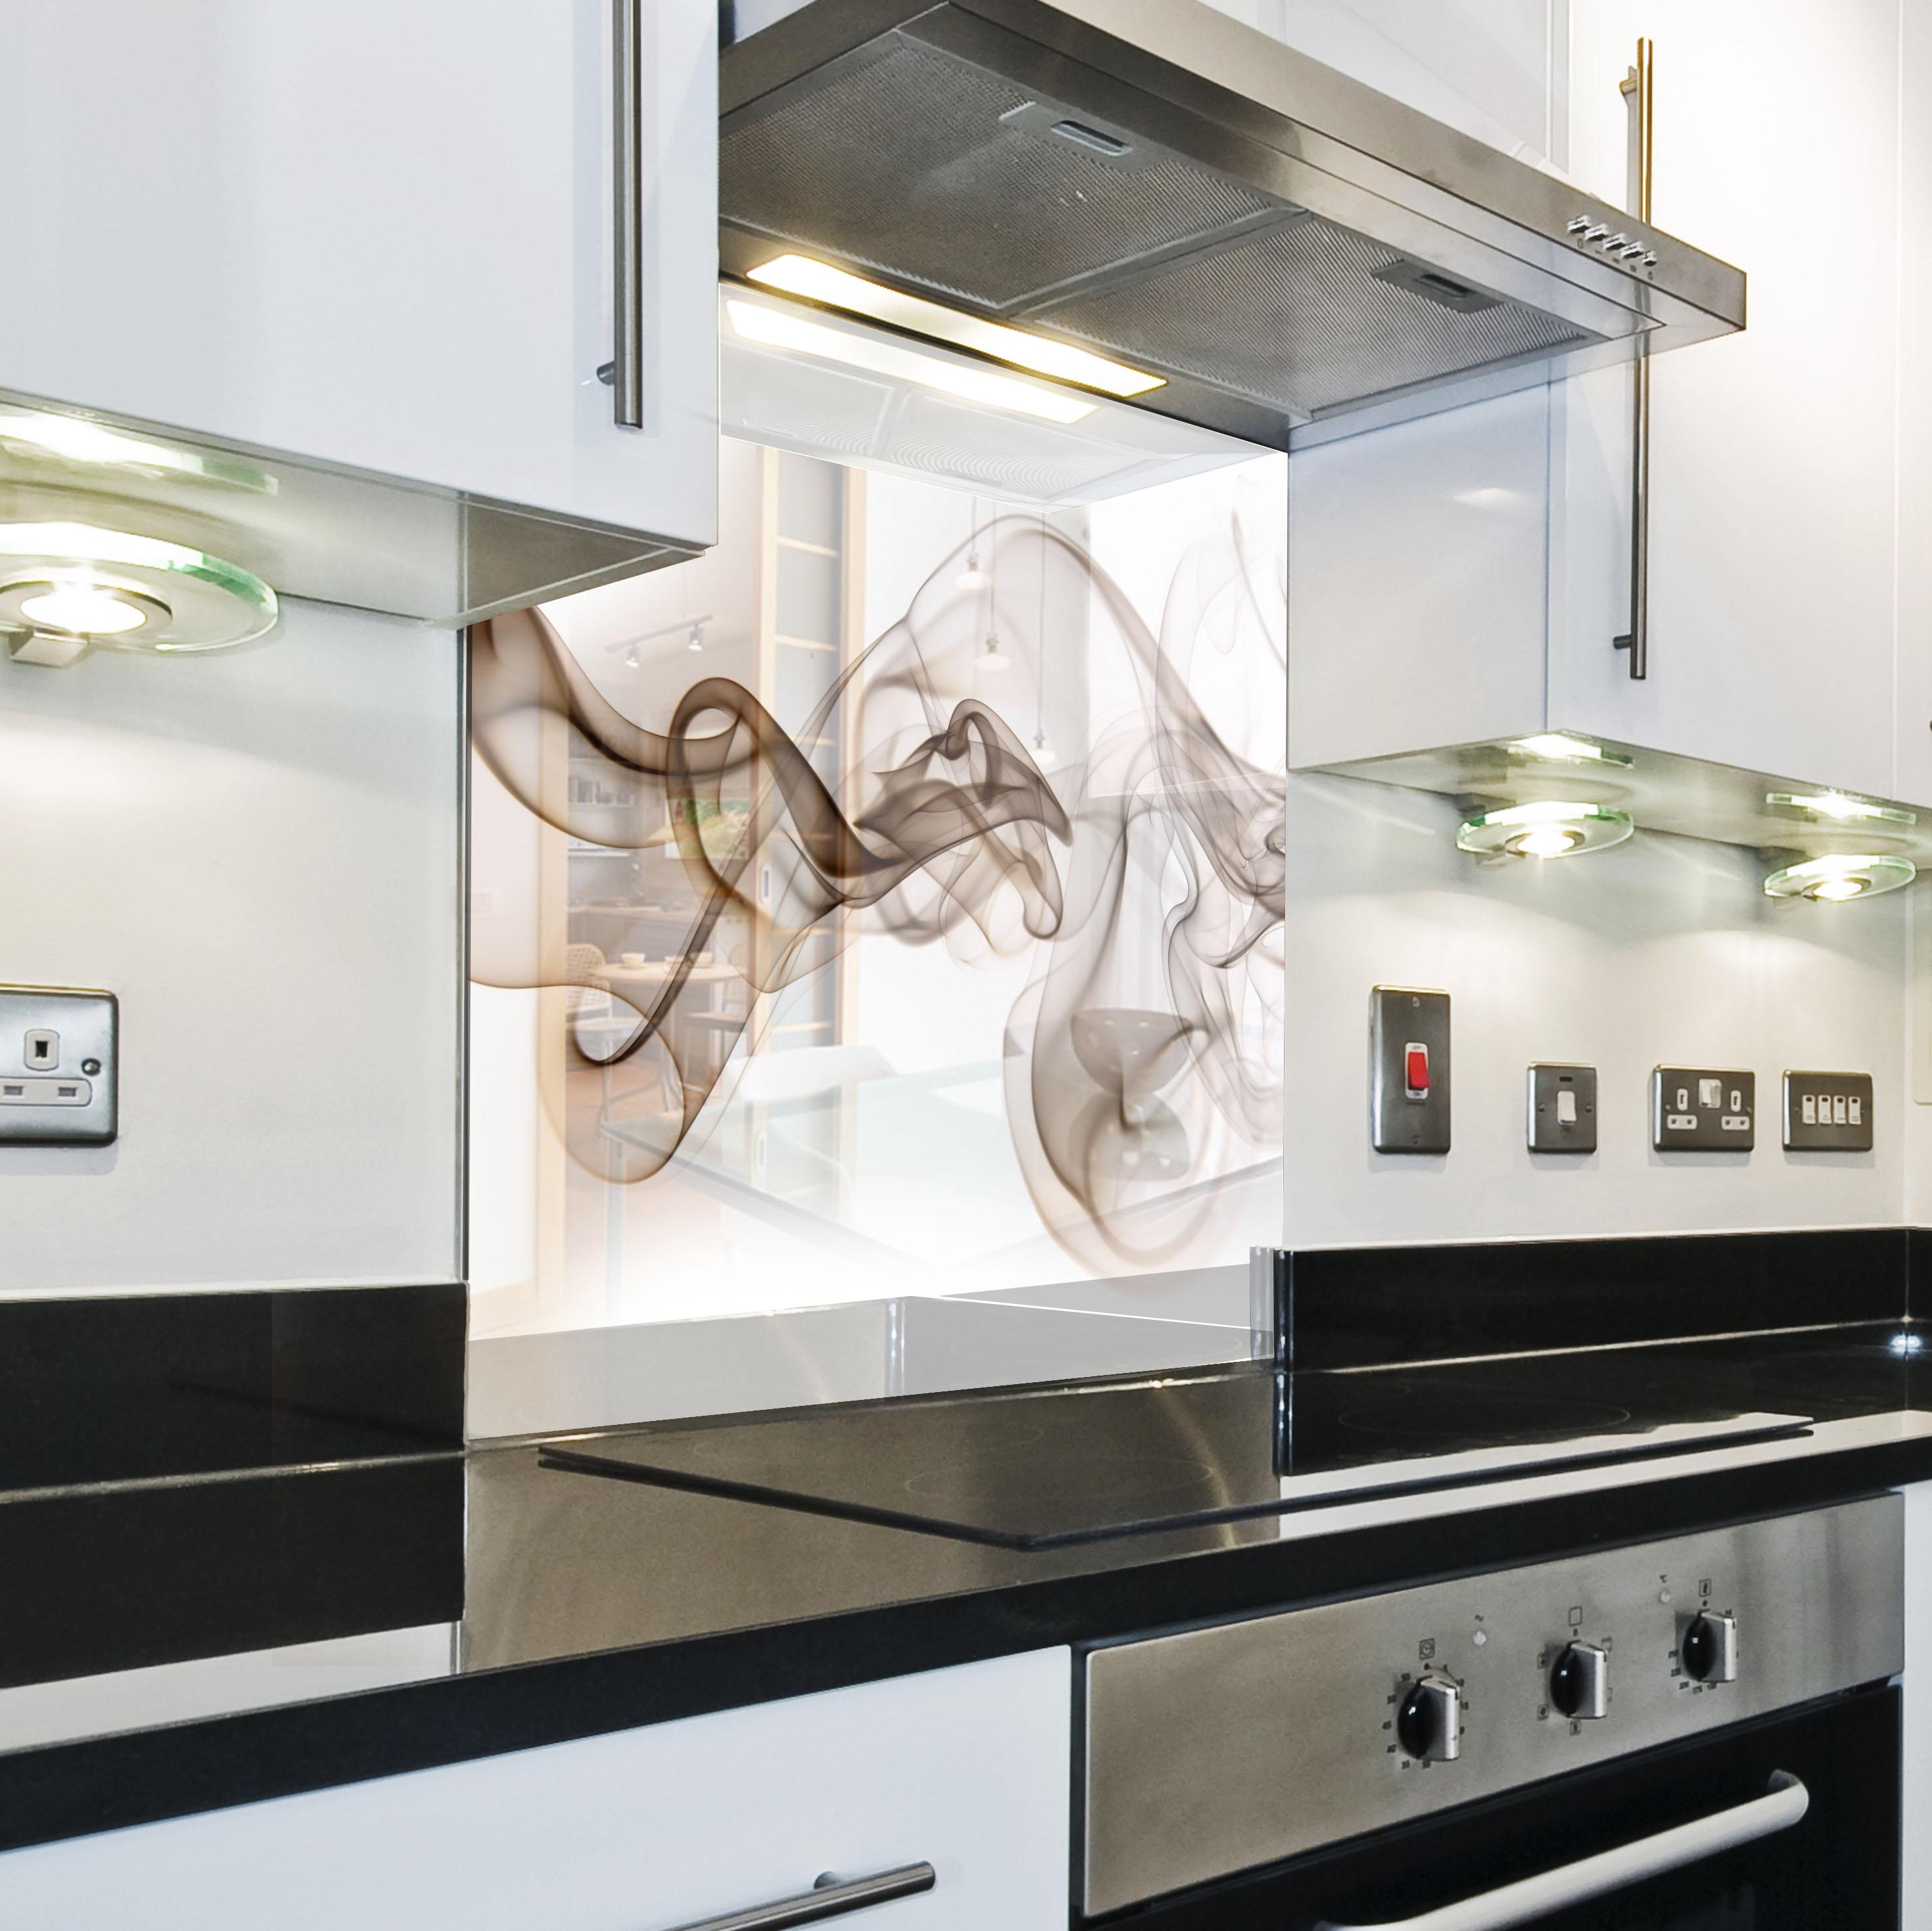 k chenr ckwand spritzschutz k che geh rtetes glas r ckwand vektor muster braun ebay. Black Bedroom Furniture Sets. Home Design Ideas